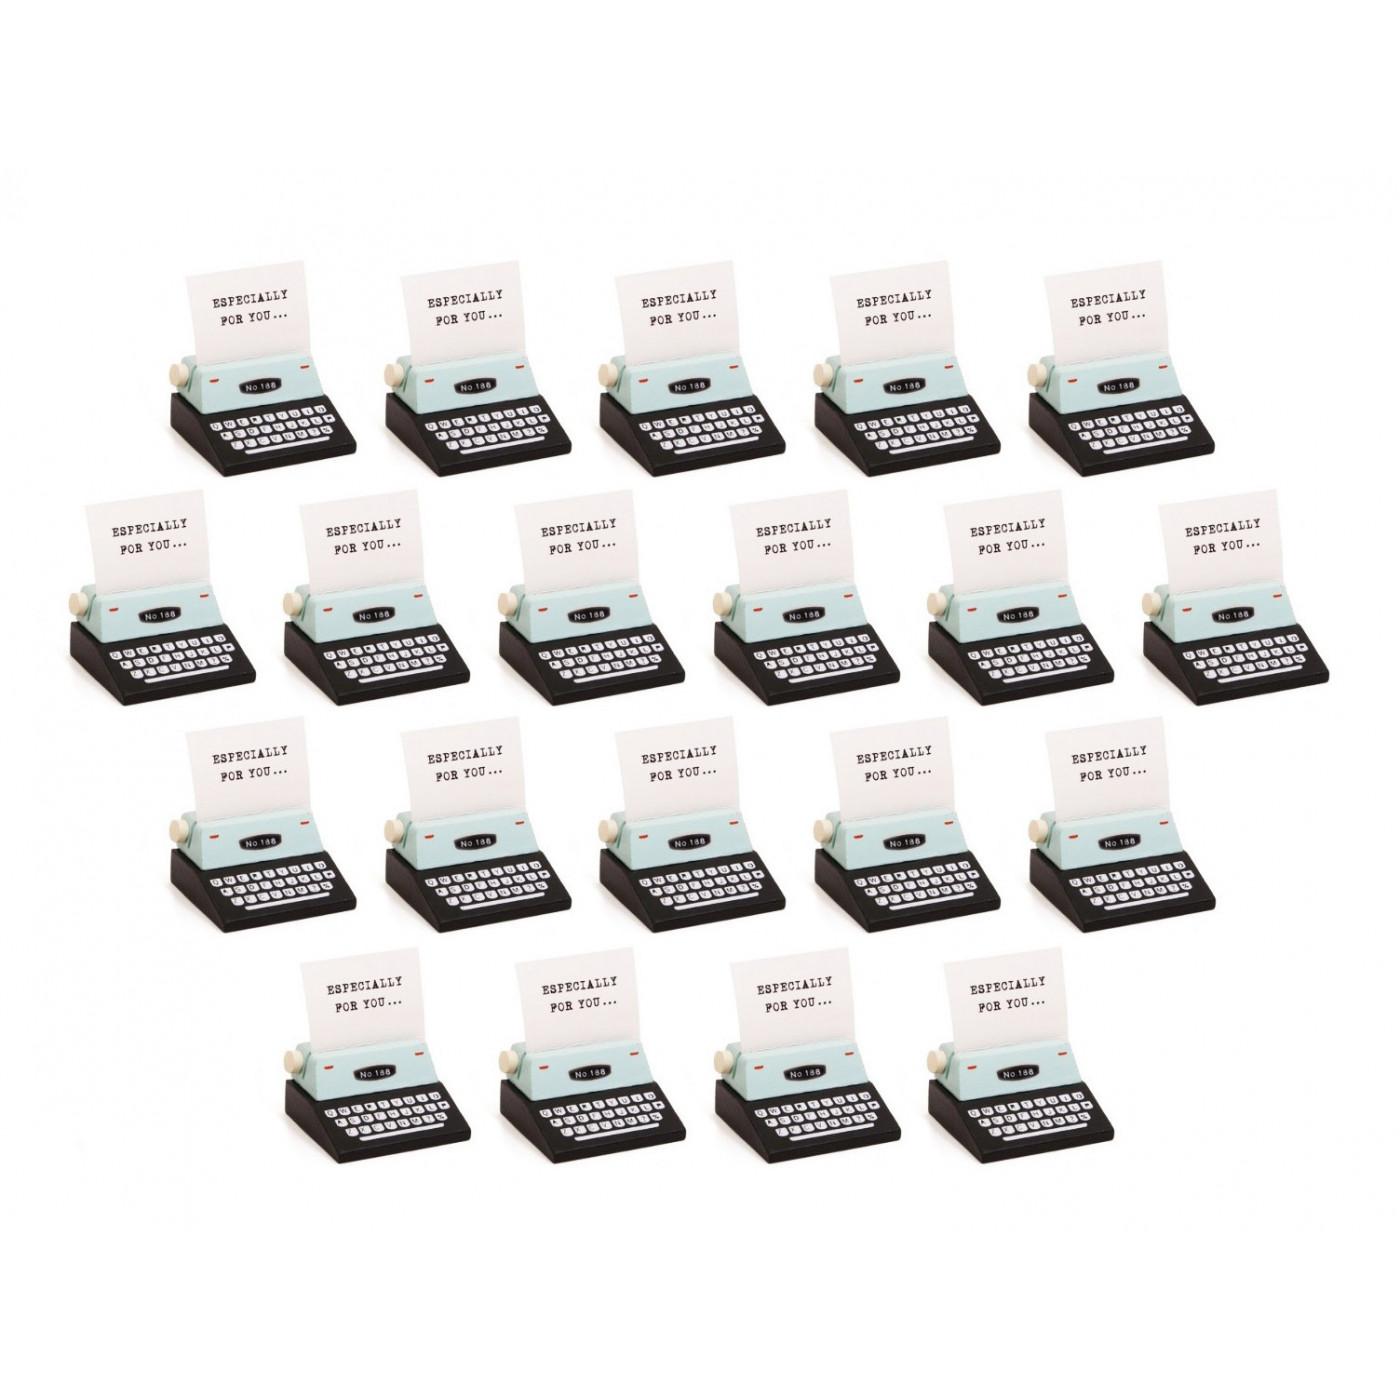 Conjunto de 20 portafotos, portatarjetas (máquina de escribir, negro)  - 1